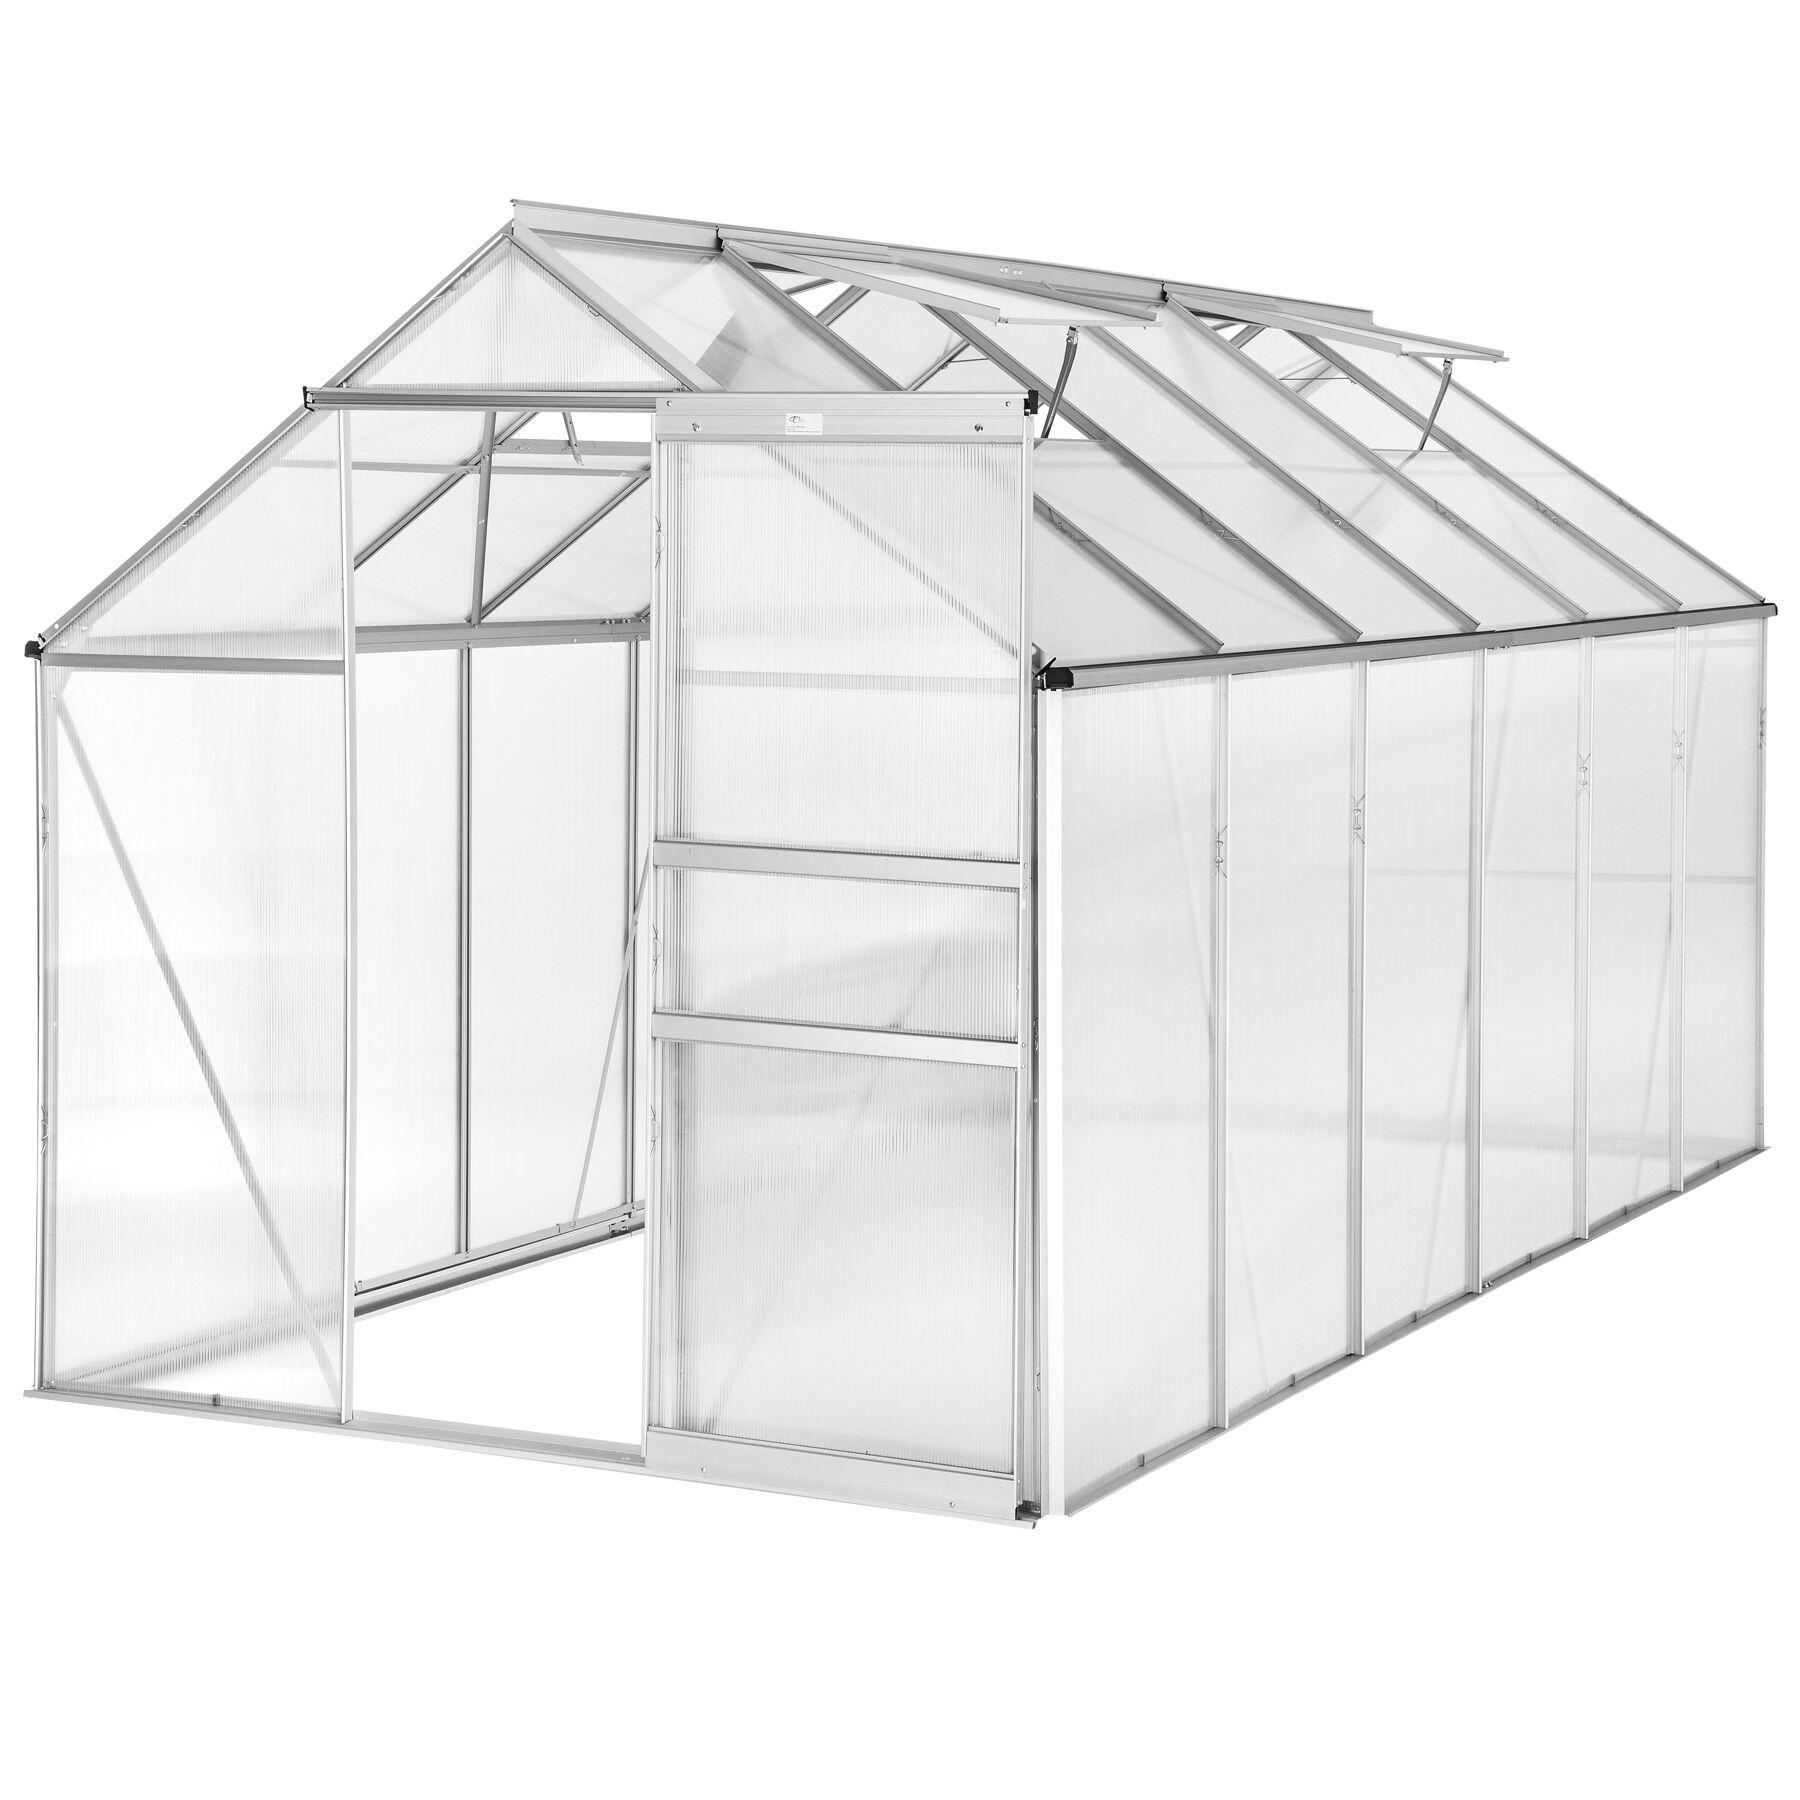 tectake serra in alluminio e policarbonato senza fondamenta - 375 x 185 x 195 cm